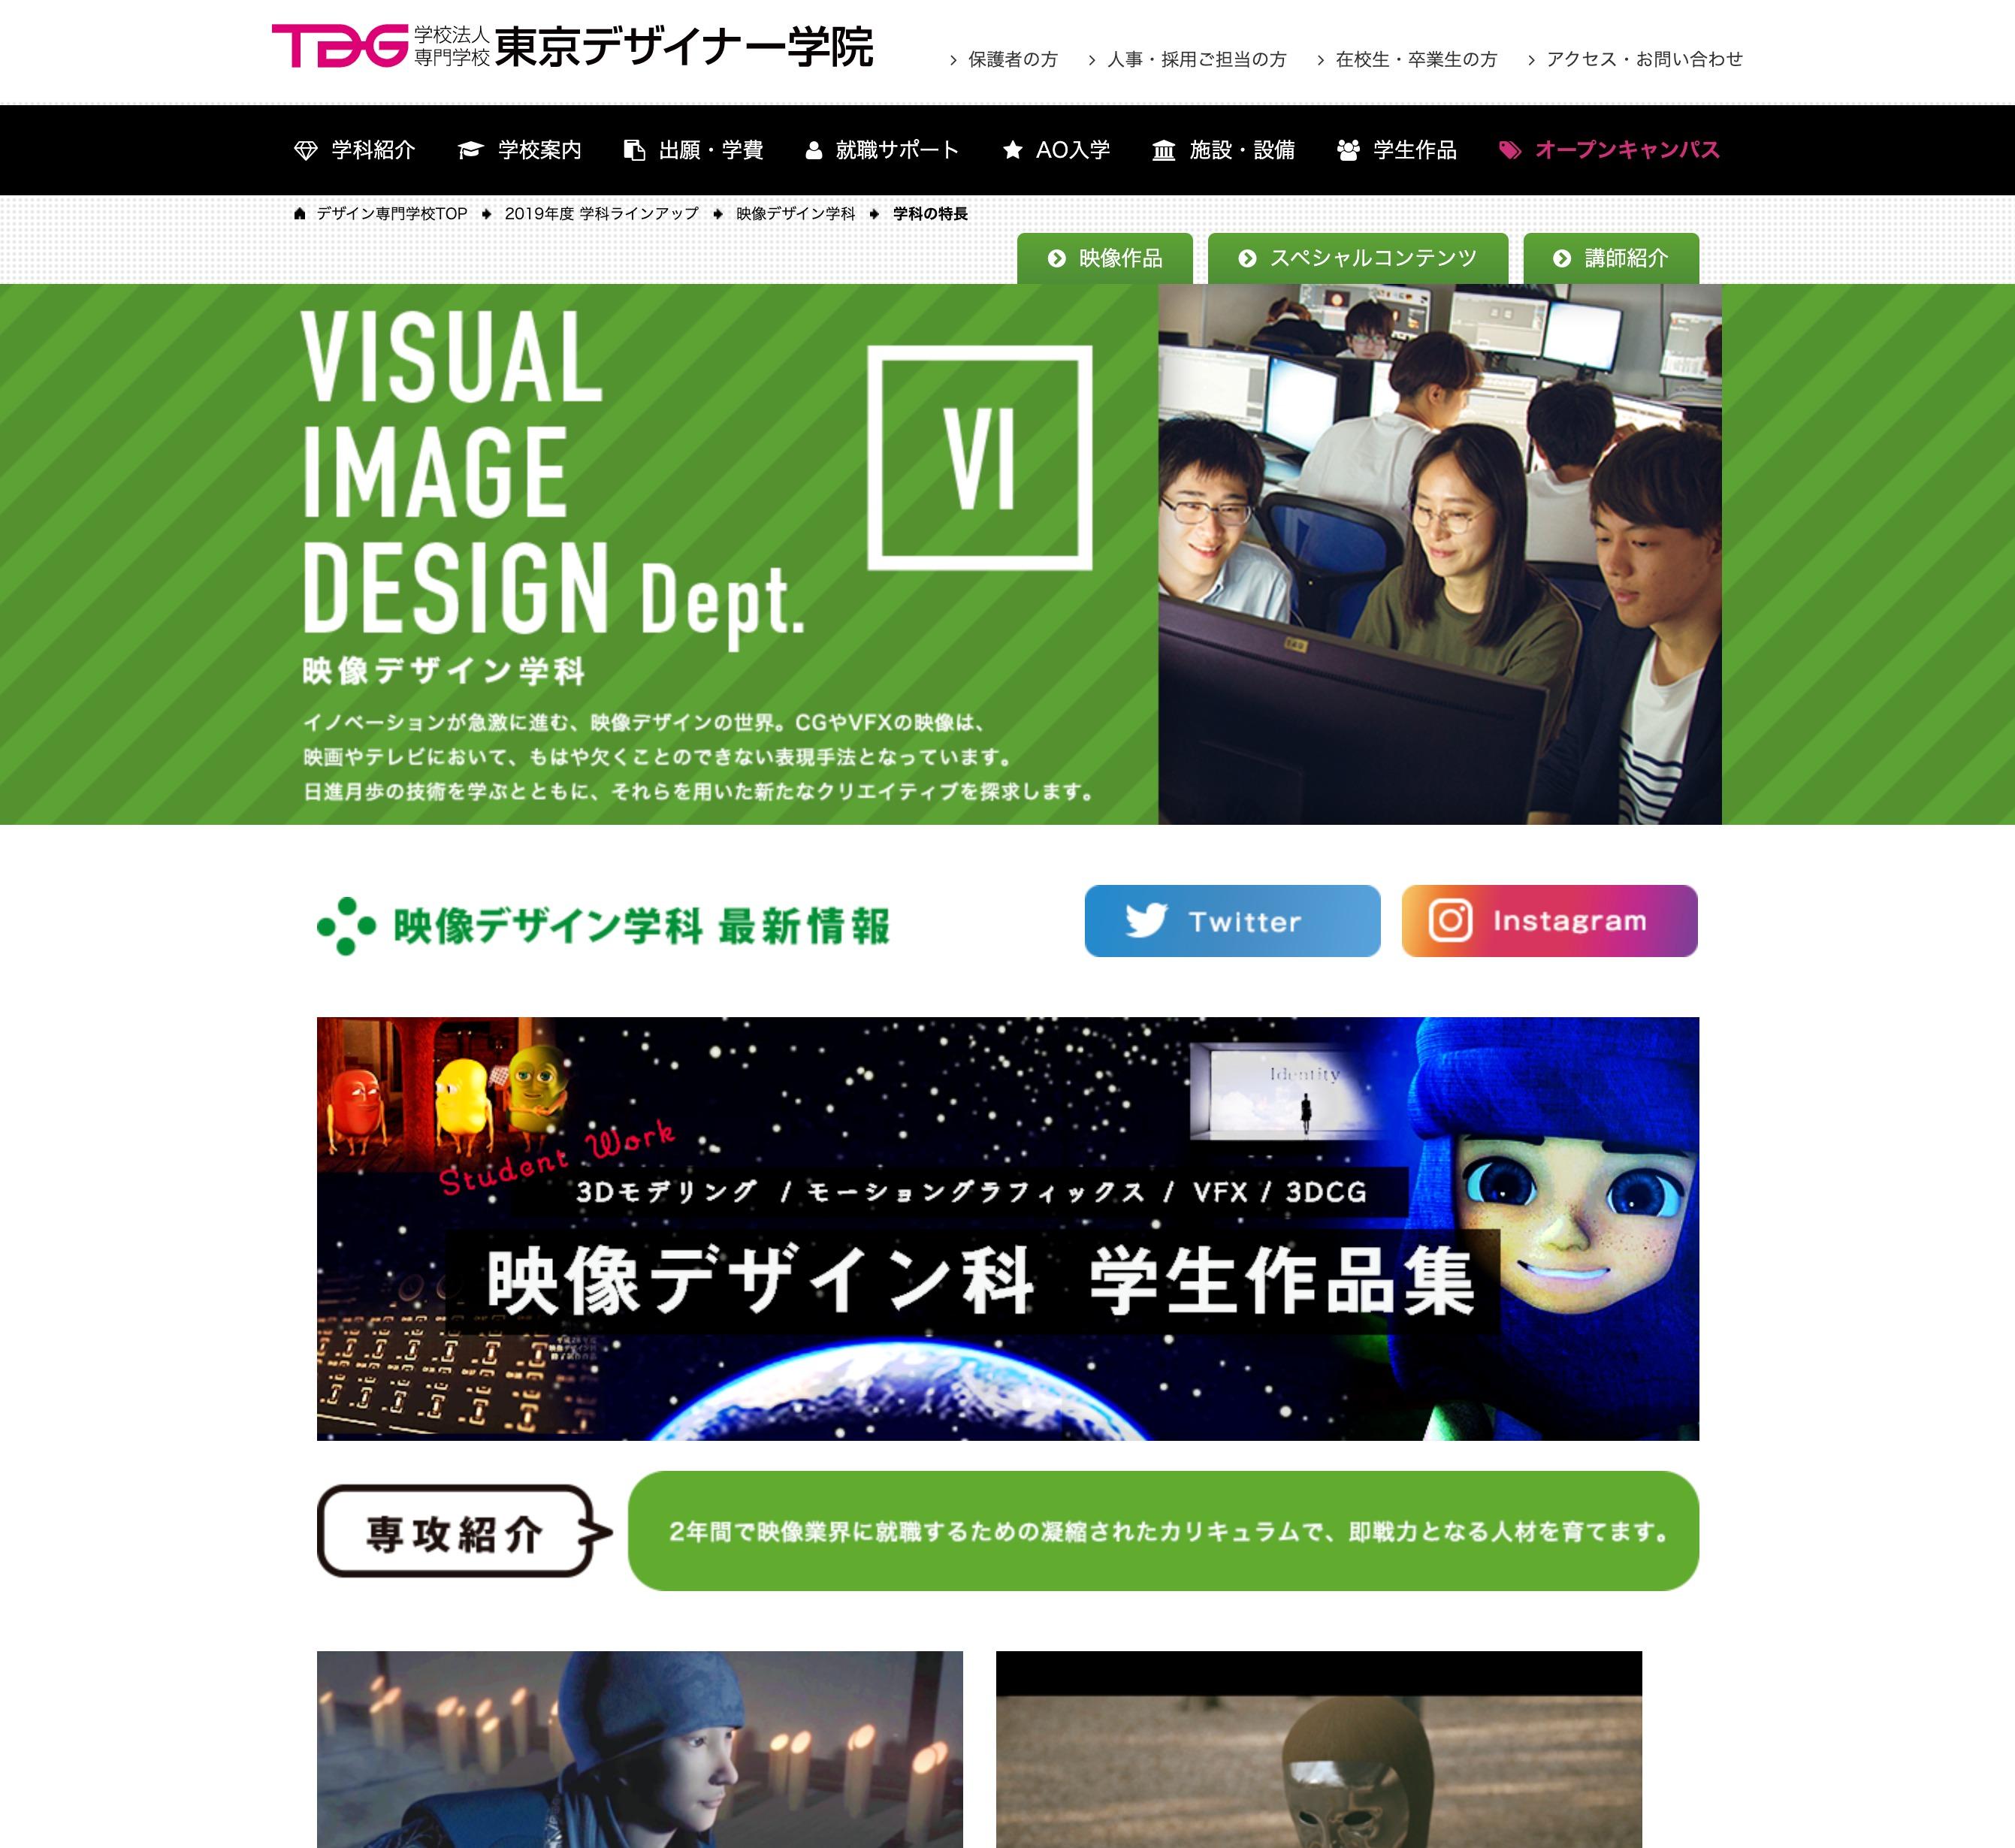 東京デザイナー学院(TDG)